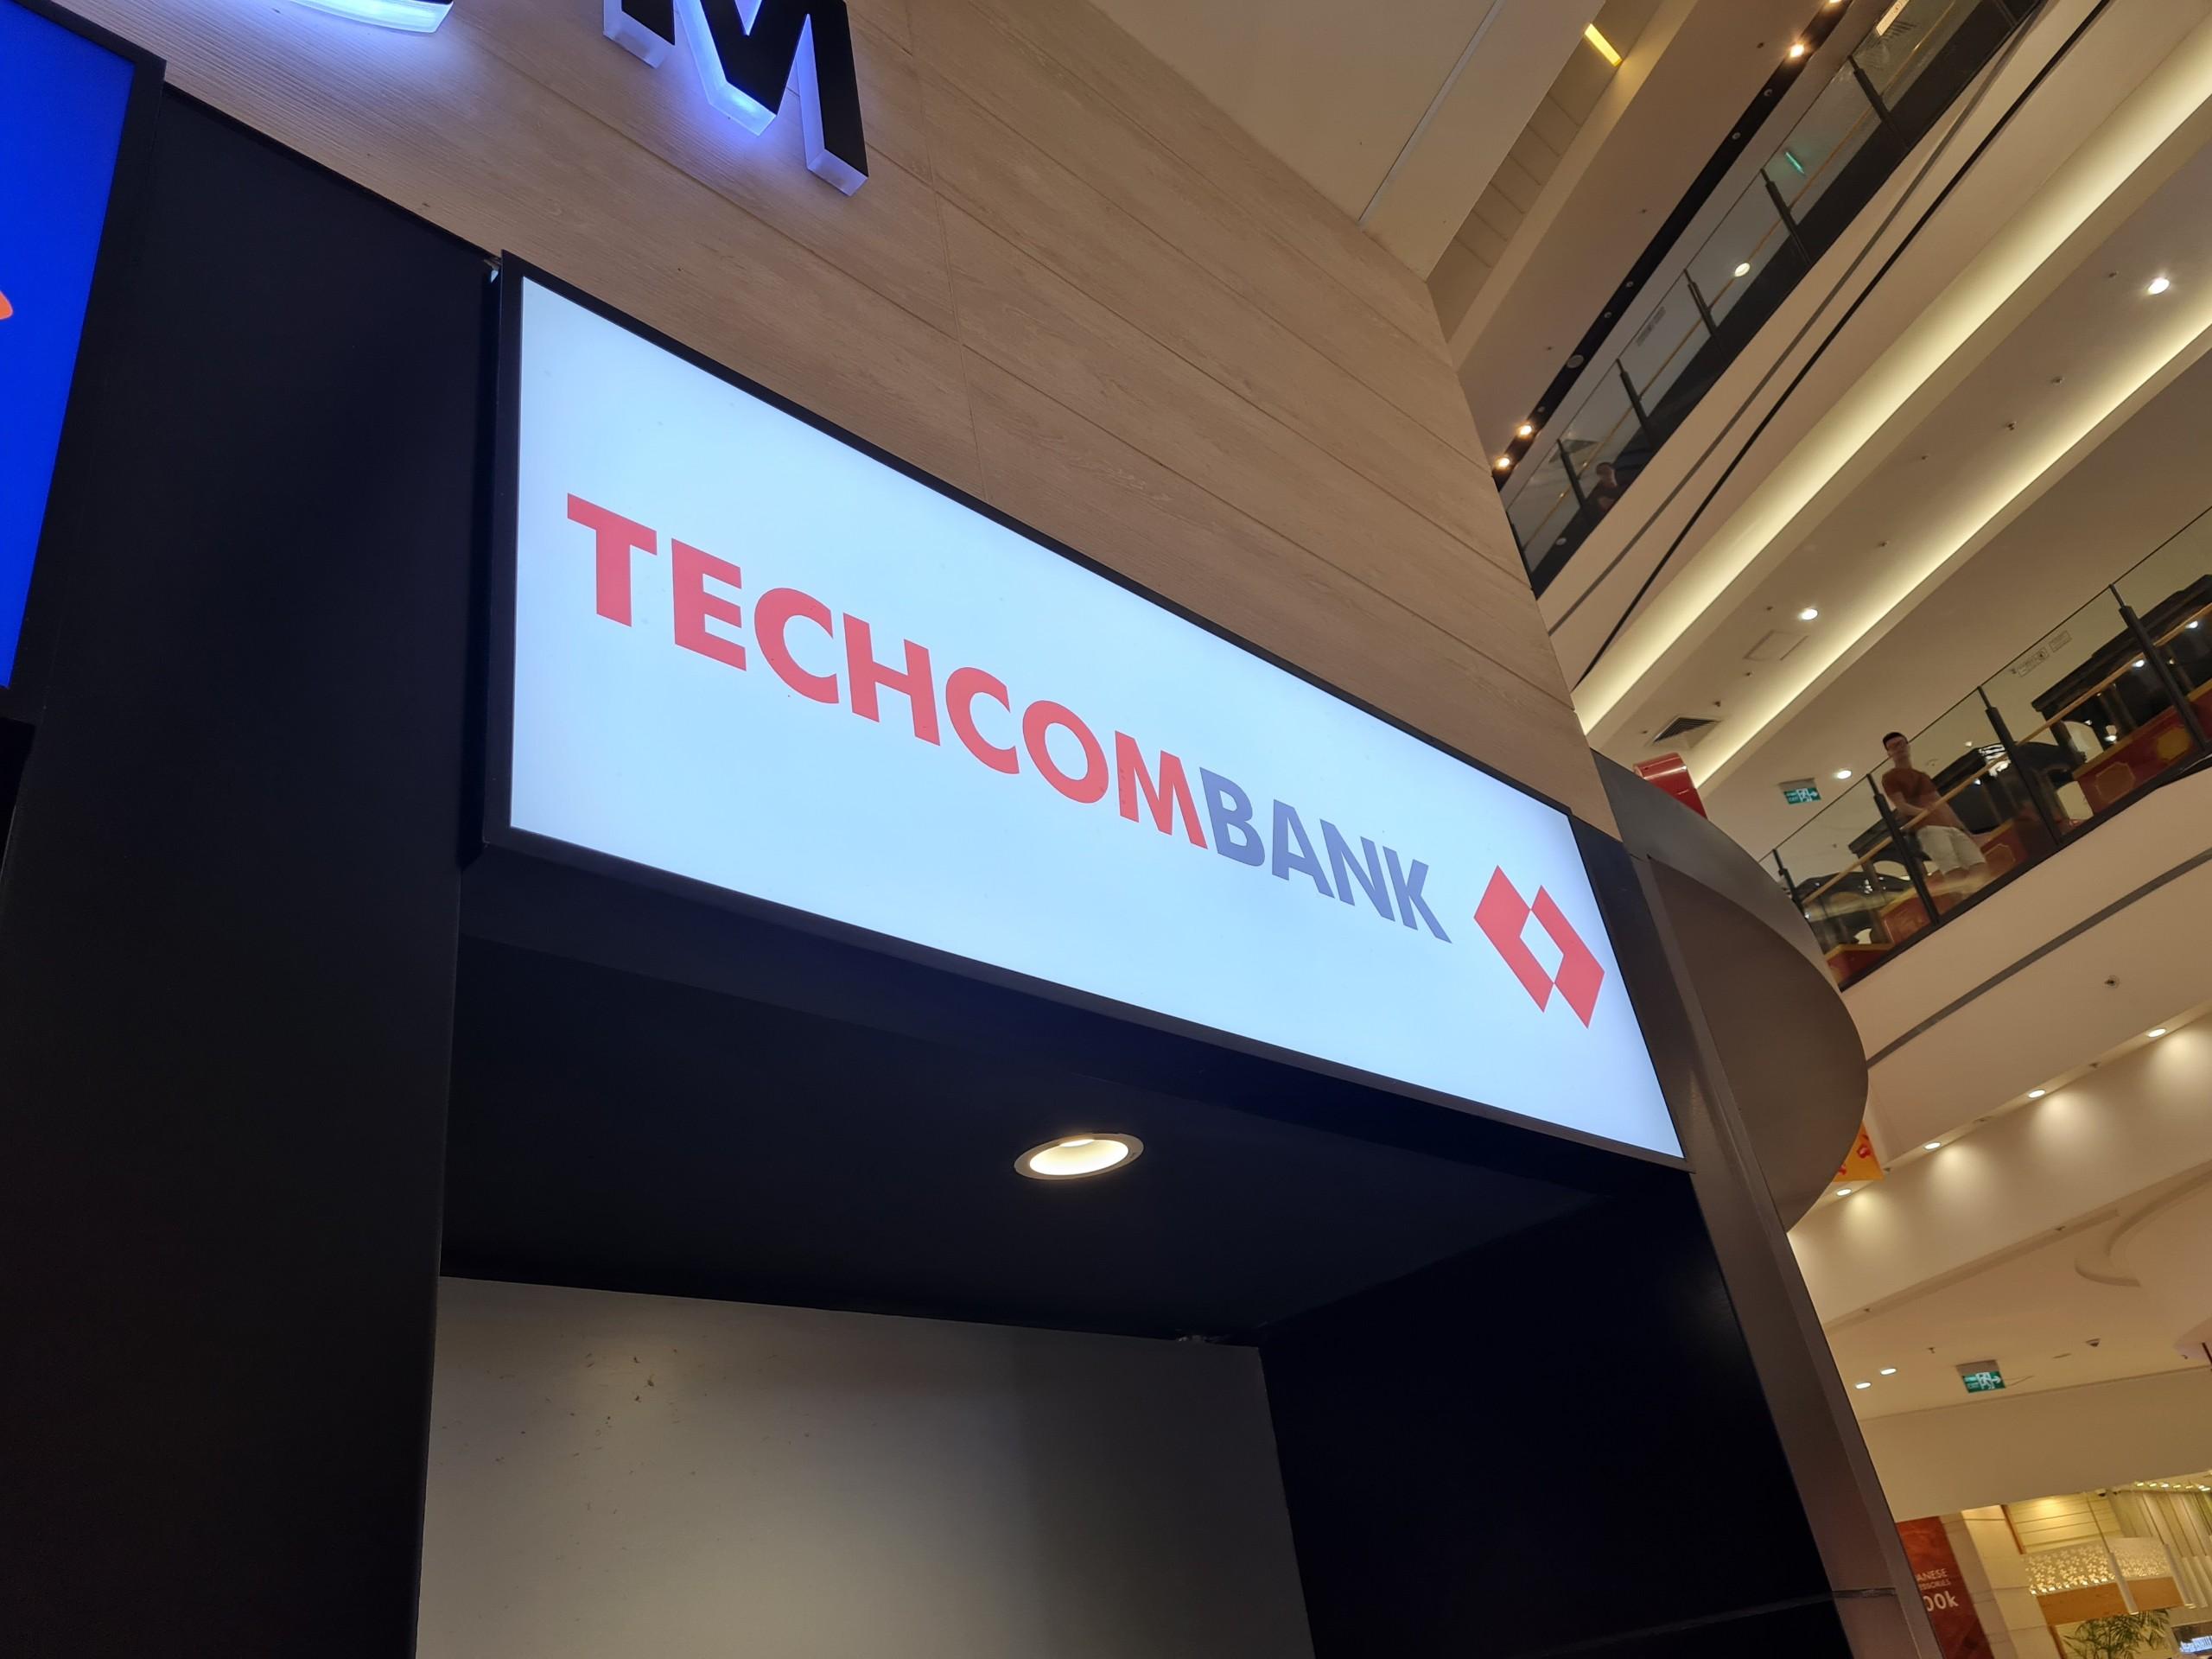 Techcombank báo lãi tăng gần 77%, tỷ lệ nợ xấu giảm xuống 0,38% - Ảnh 1.